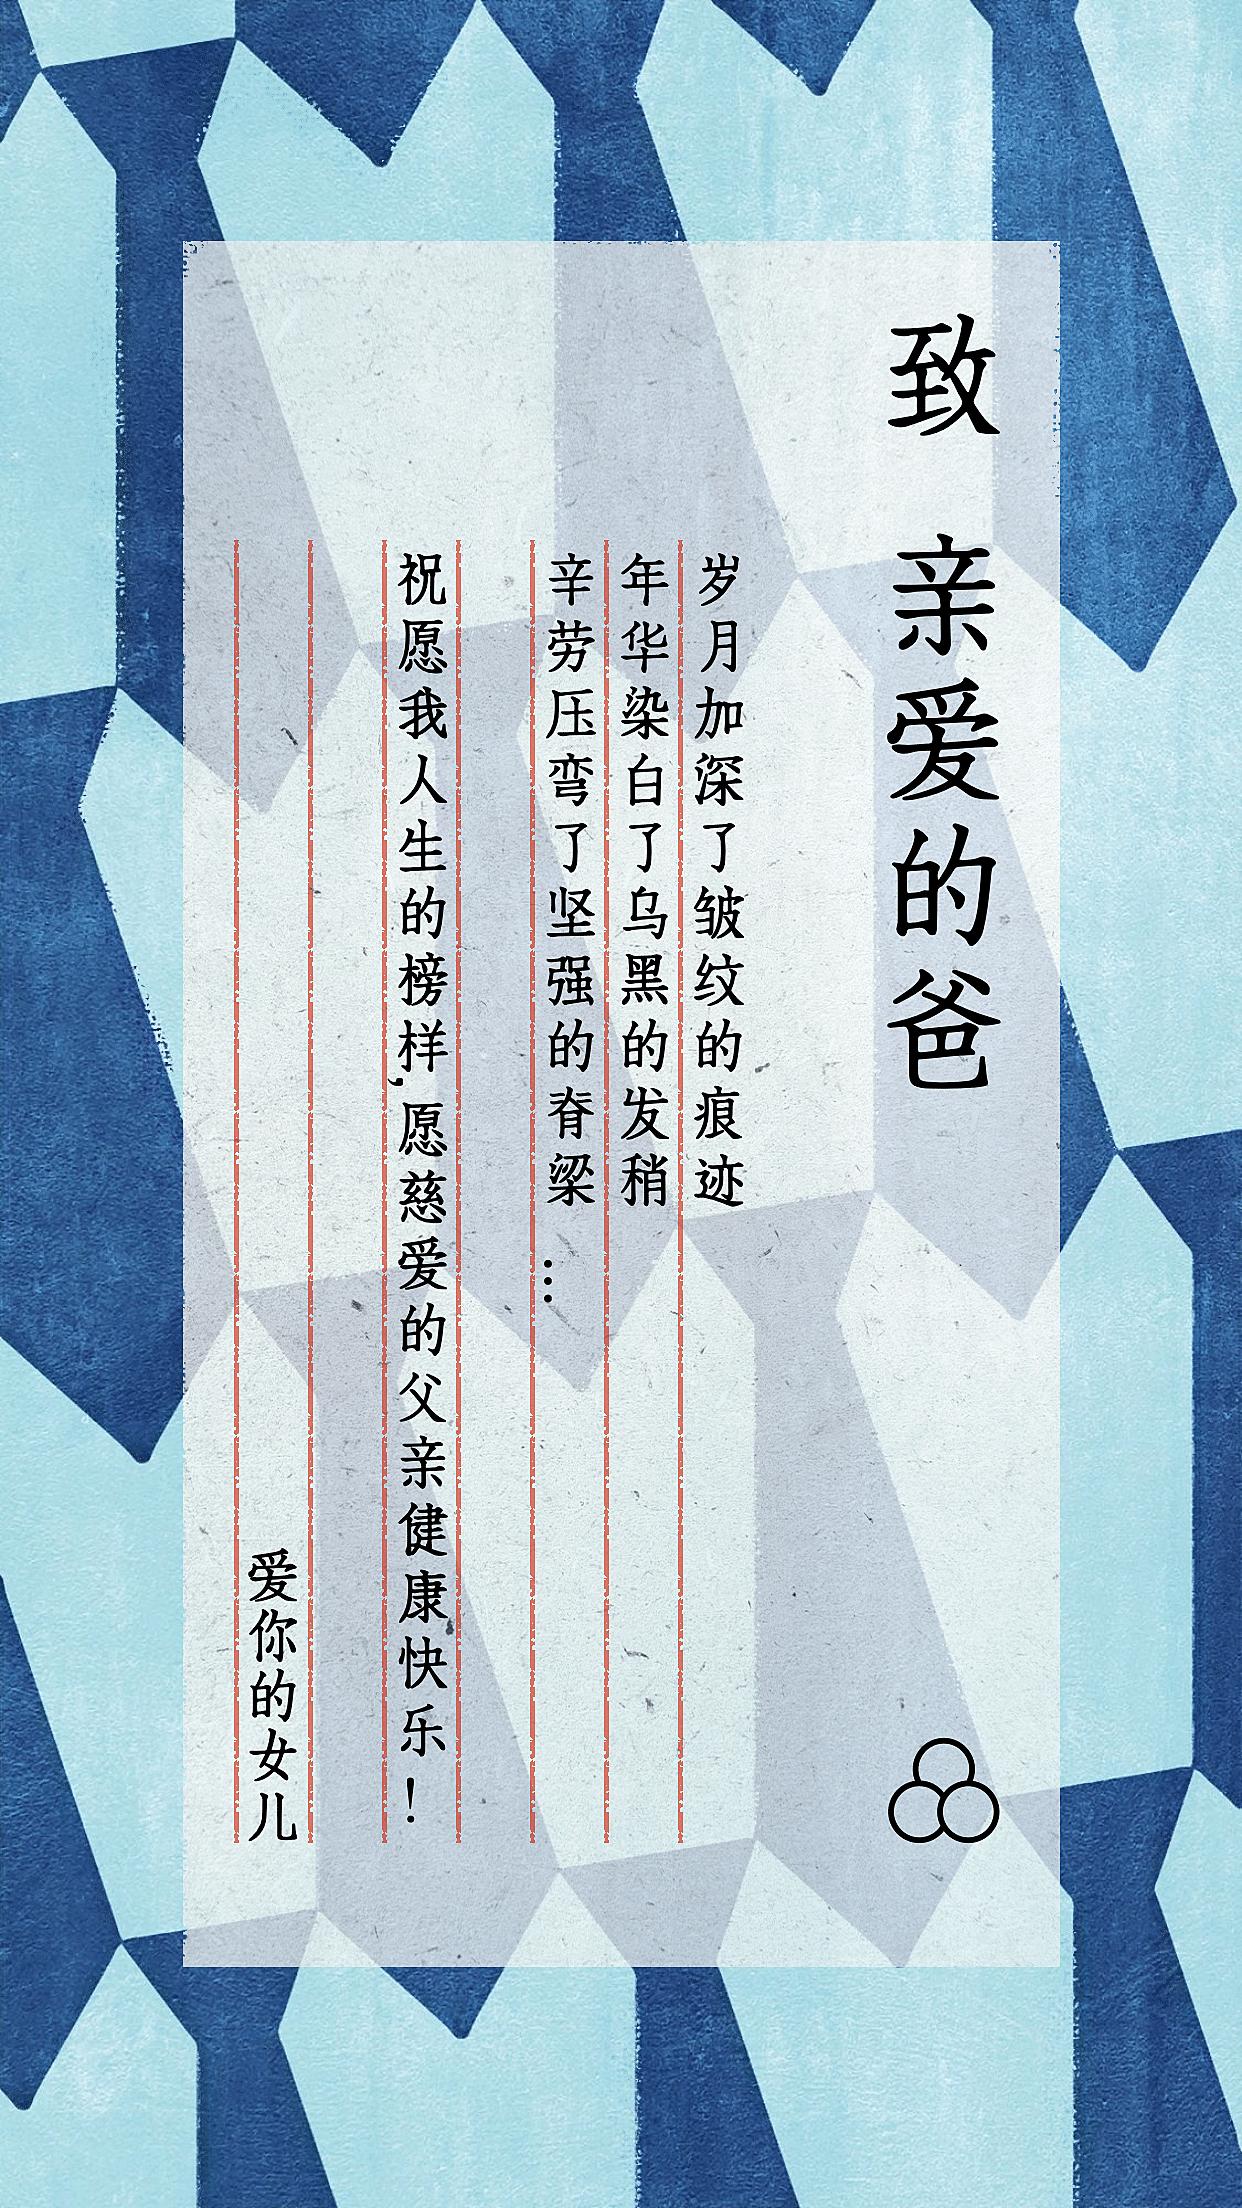 房地产节日祝福贺卡海报